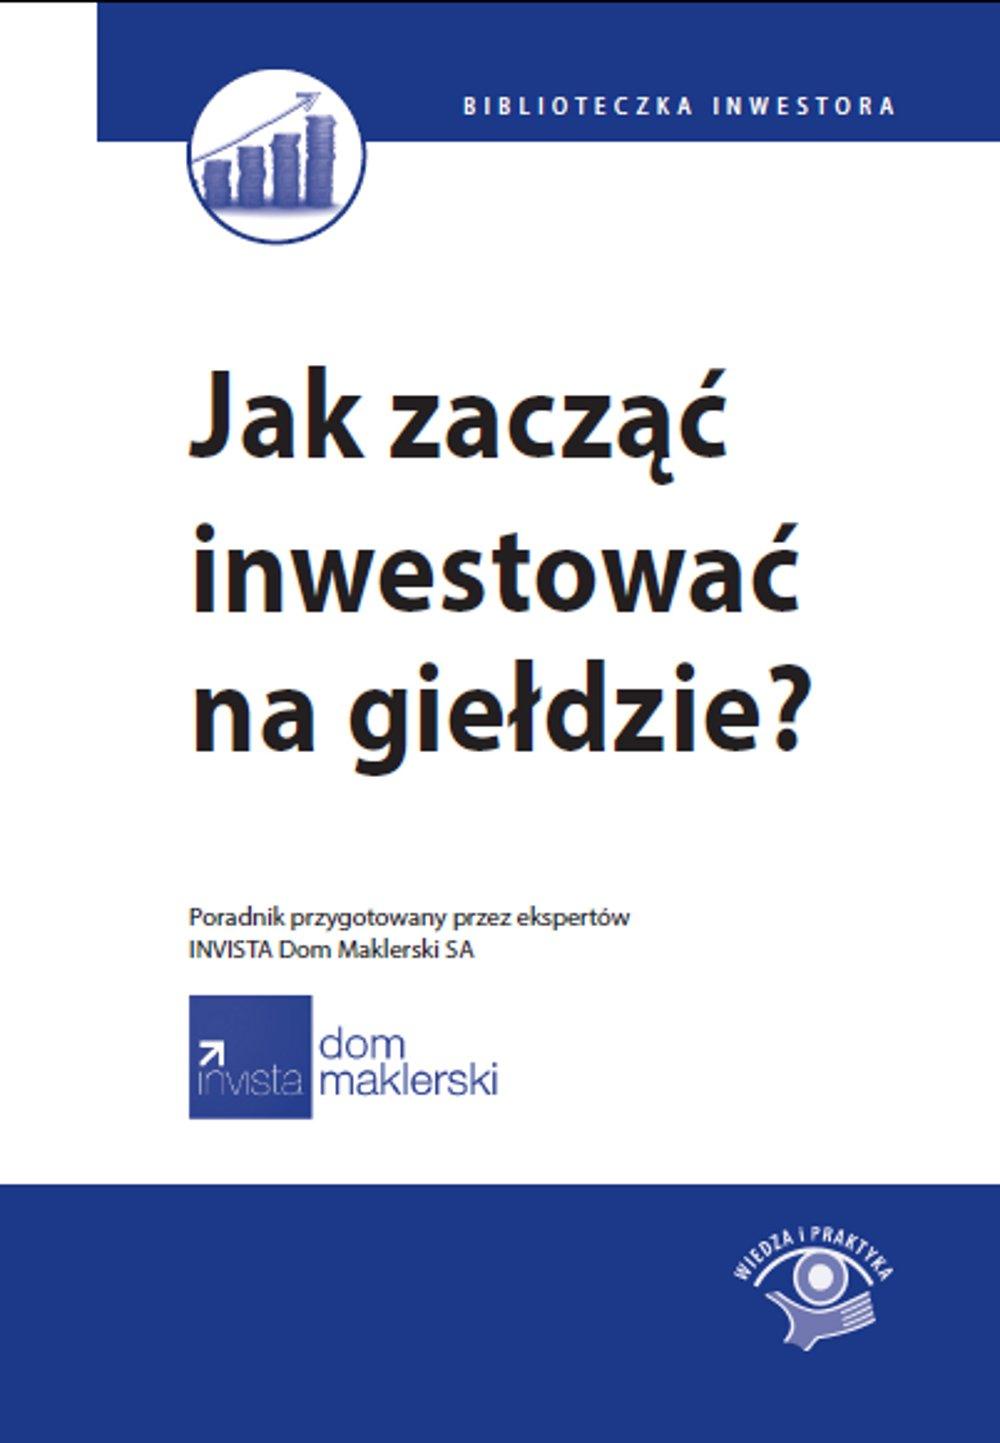 Jak zacząć inwestować na giełdzie? - Ebook (Książka EPUB) do pobrania w formacie EPUB